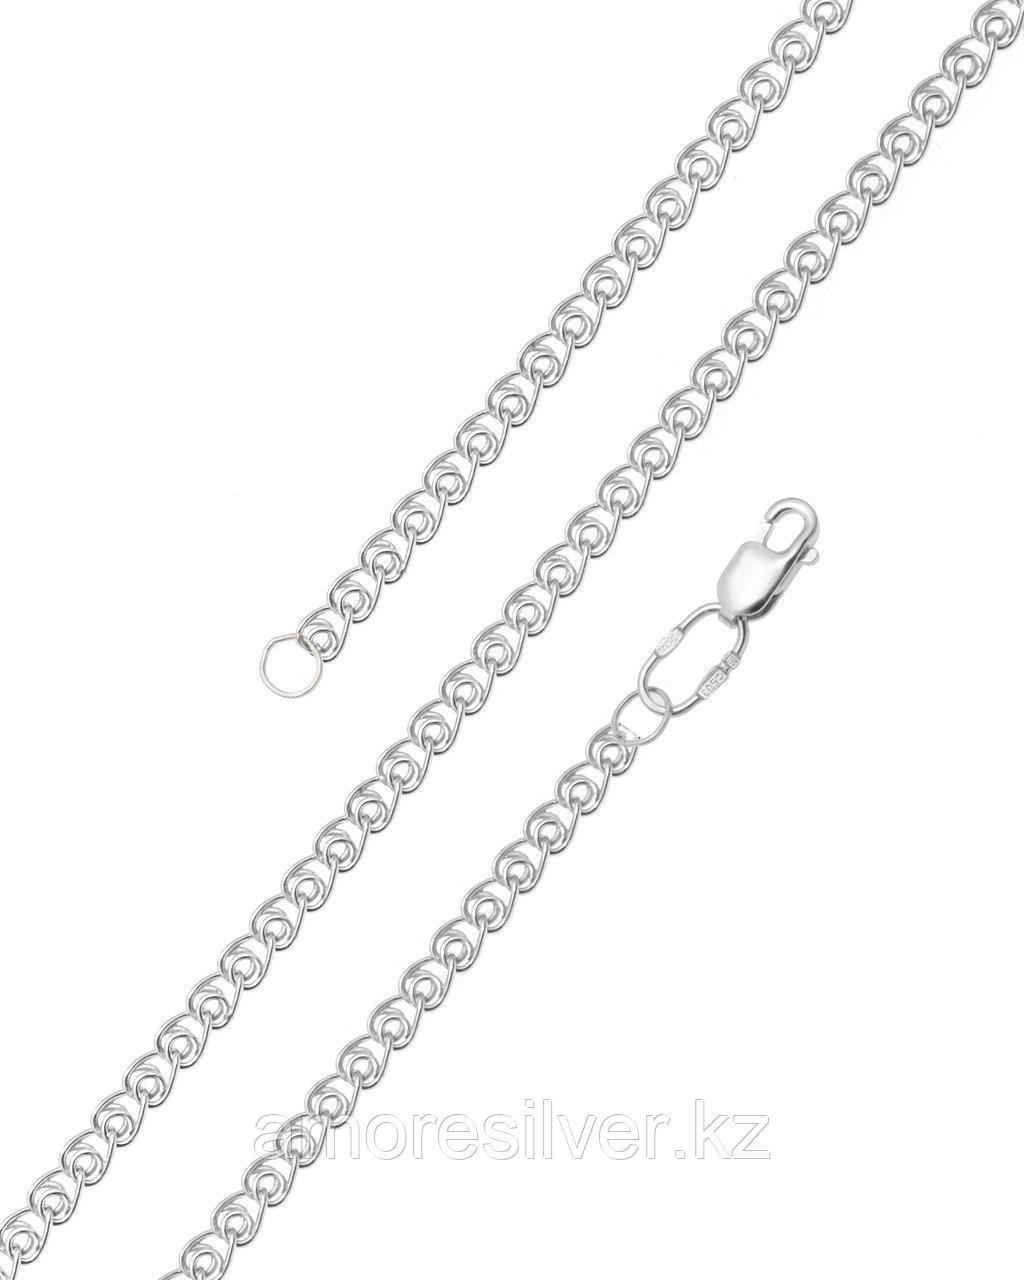 Цепь  серебро с родием, без вставок 81060480155 размеры - 55